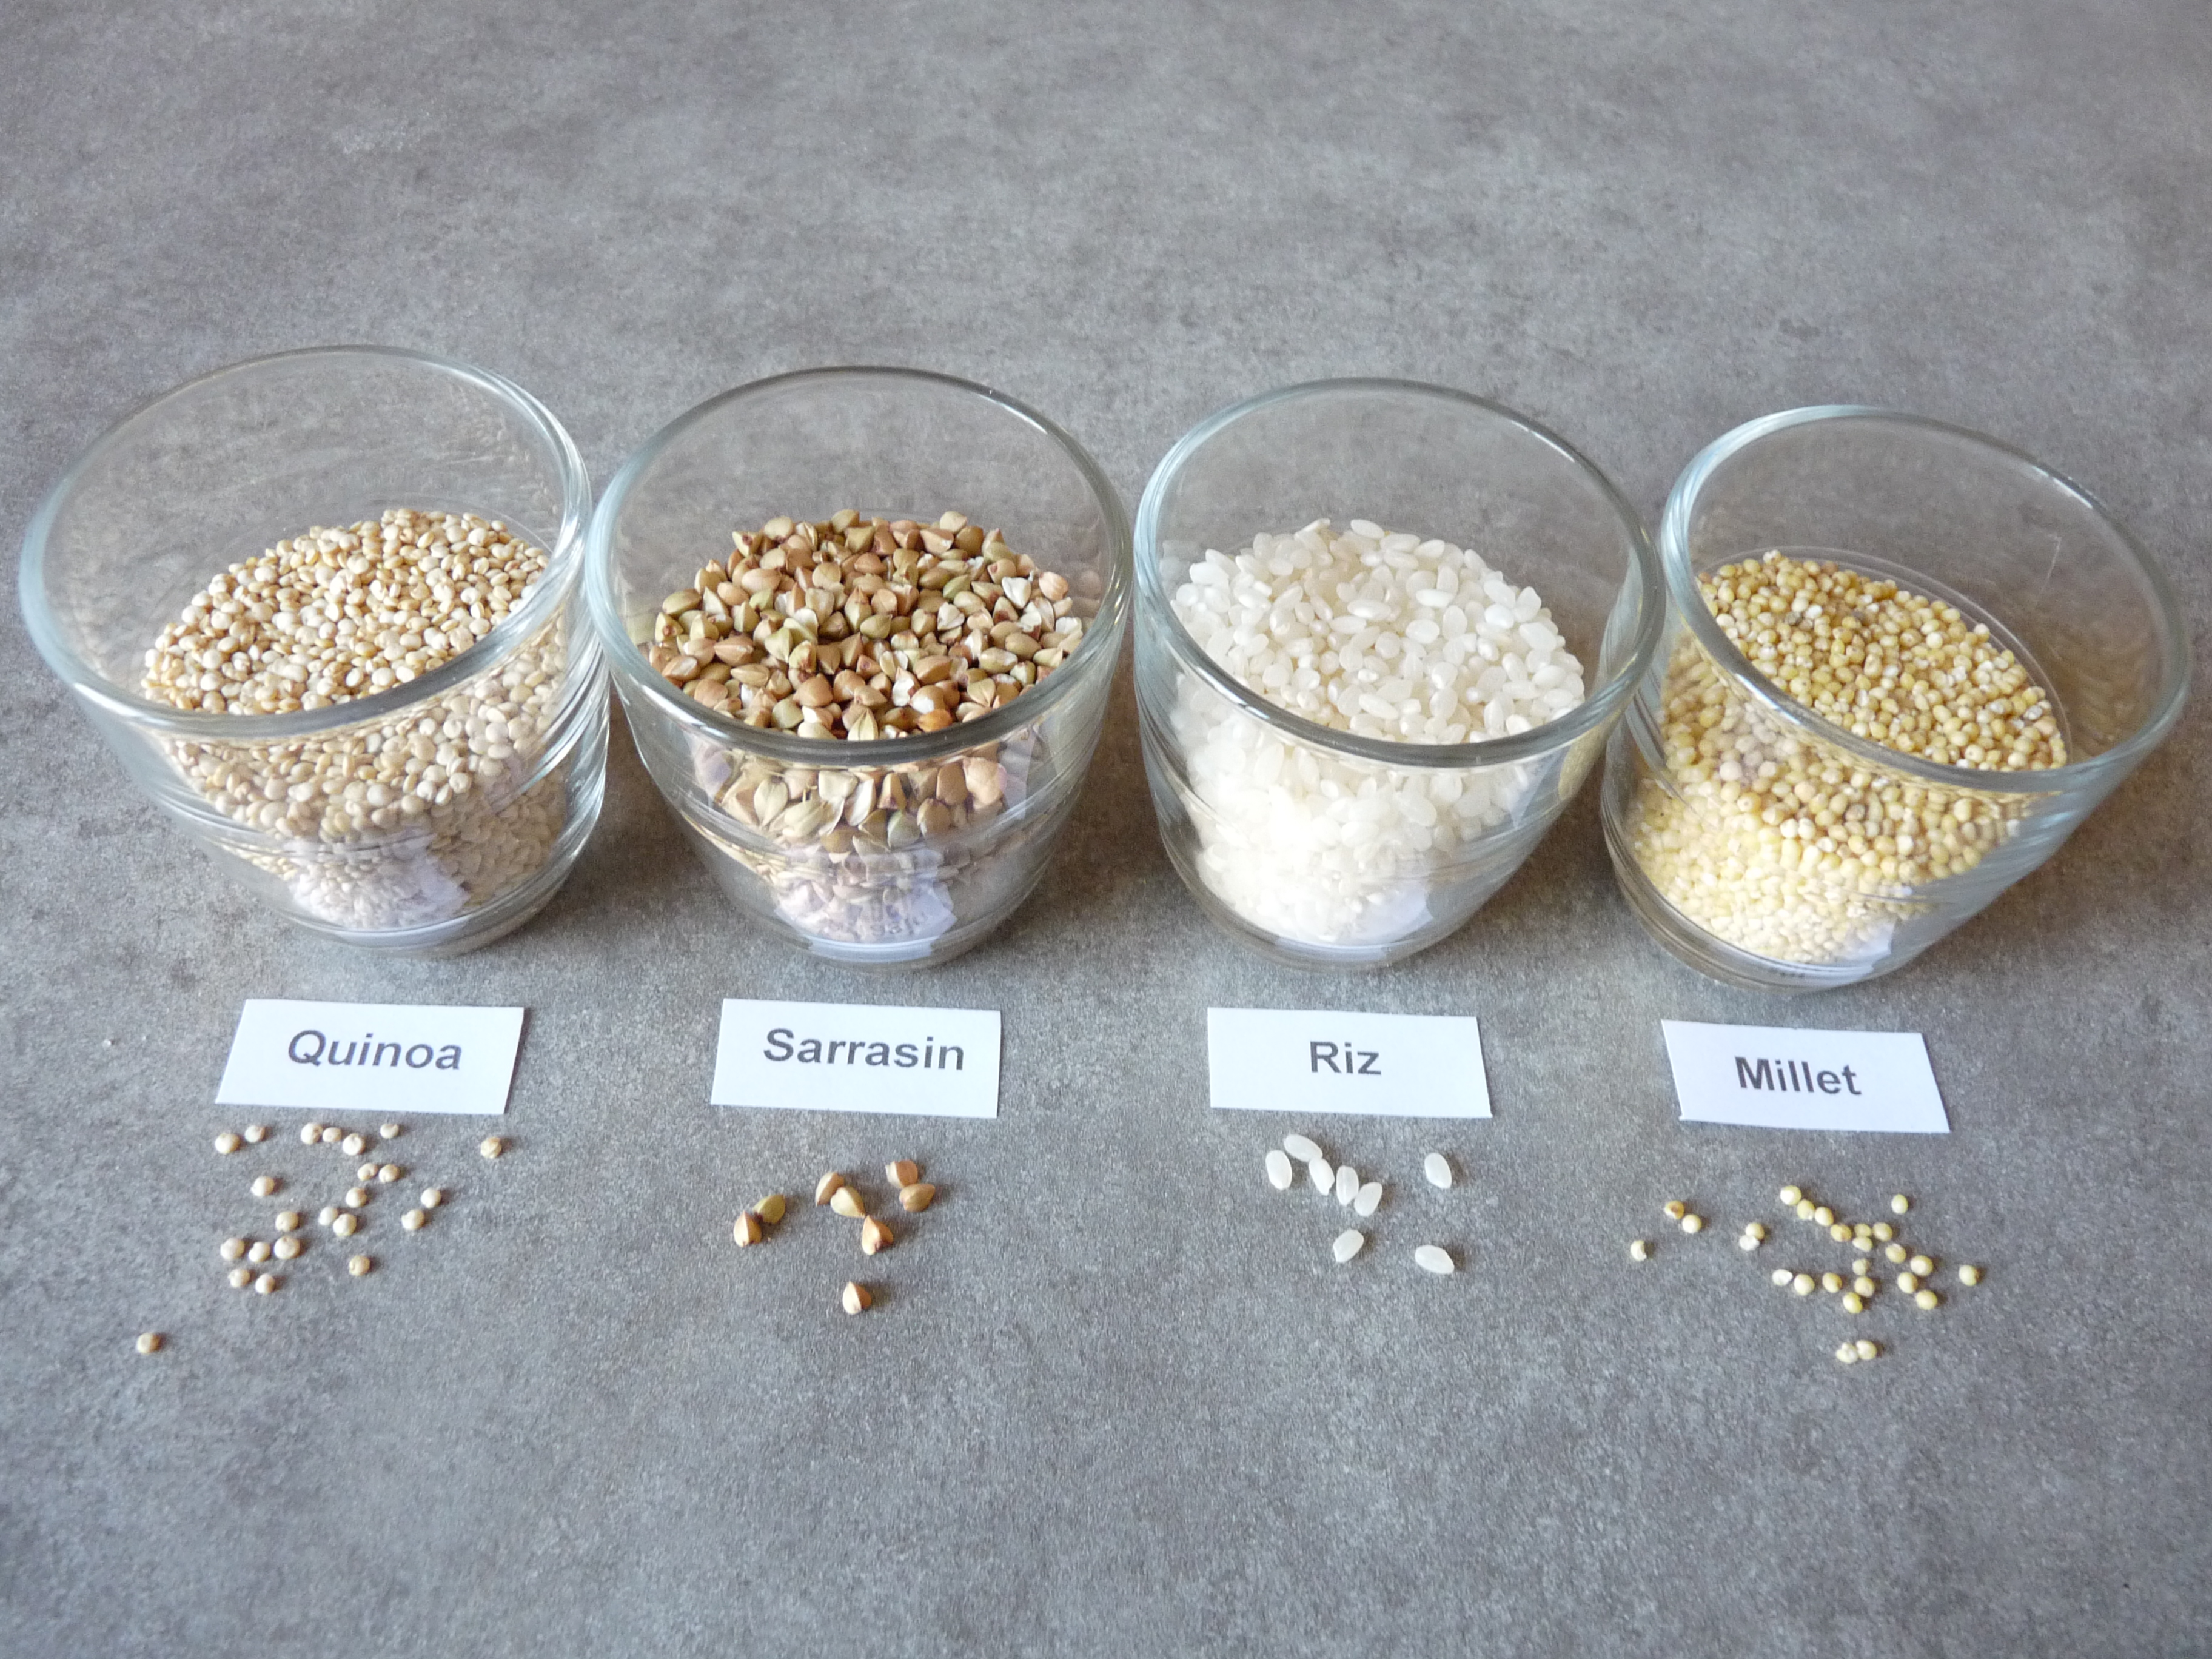 régime alimentaire sans produits laitiers sans blé